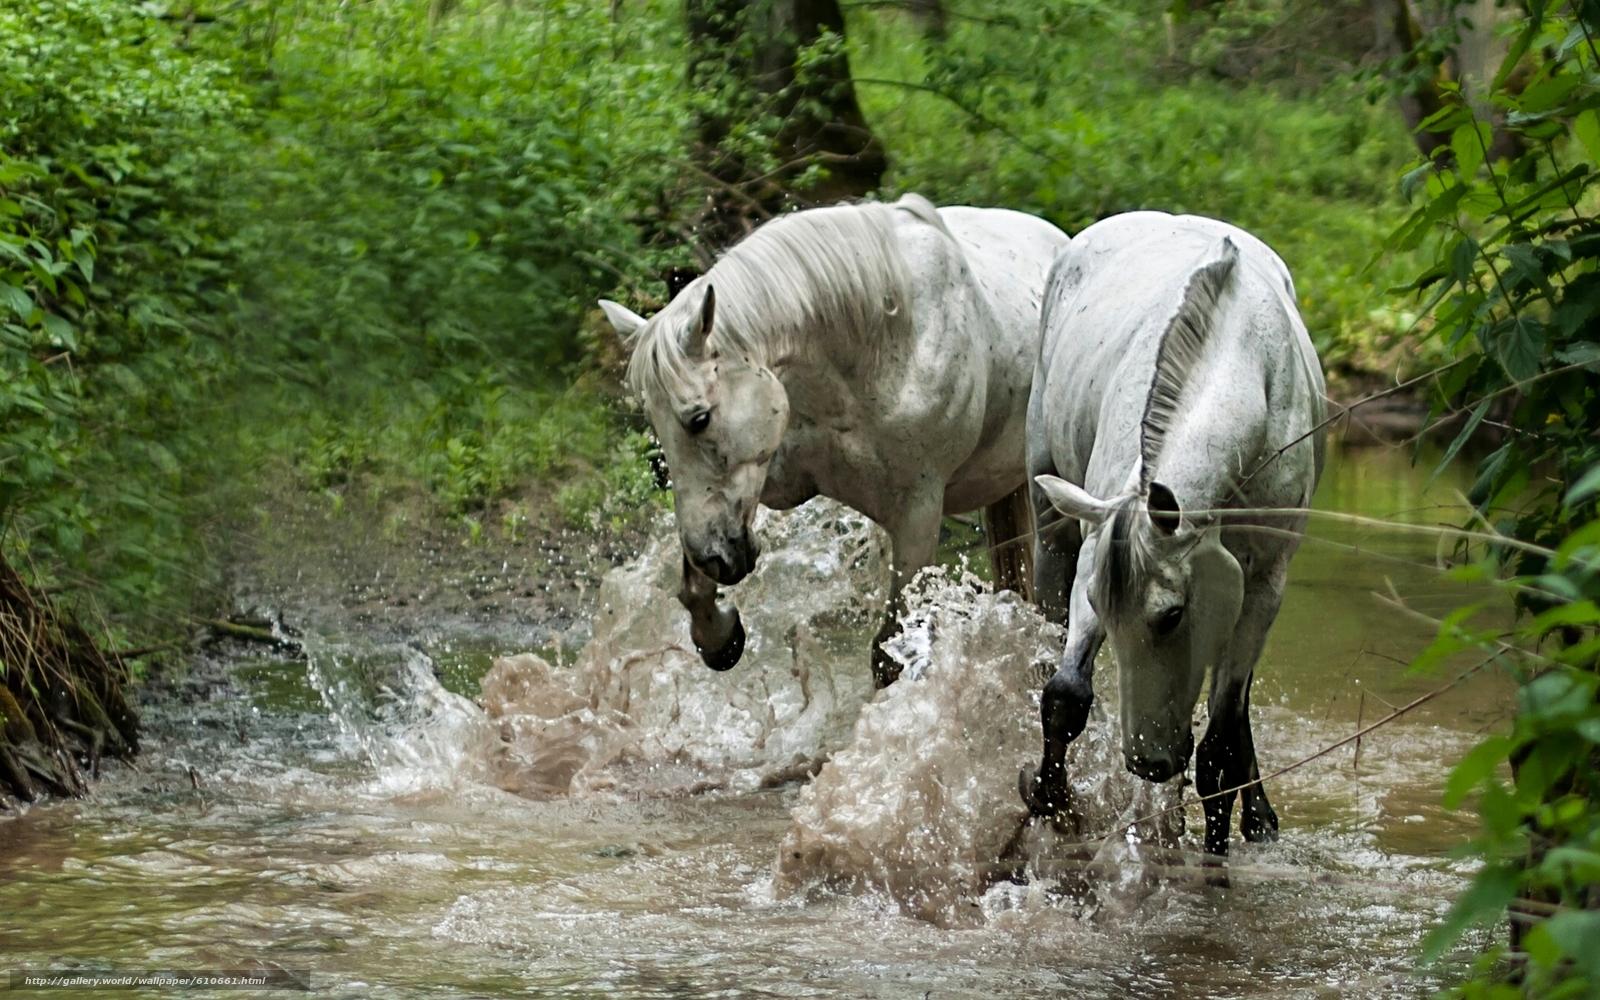 Scaricare gli sfondi cavallo cavalli fiume acqua sfondi for Sfondi cavalli gratis